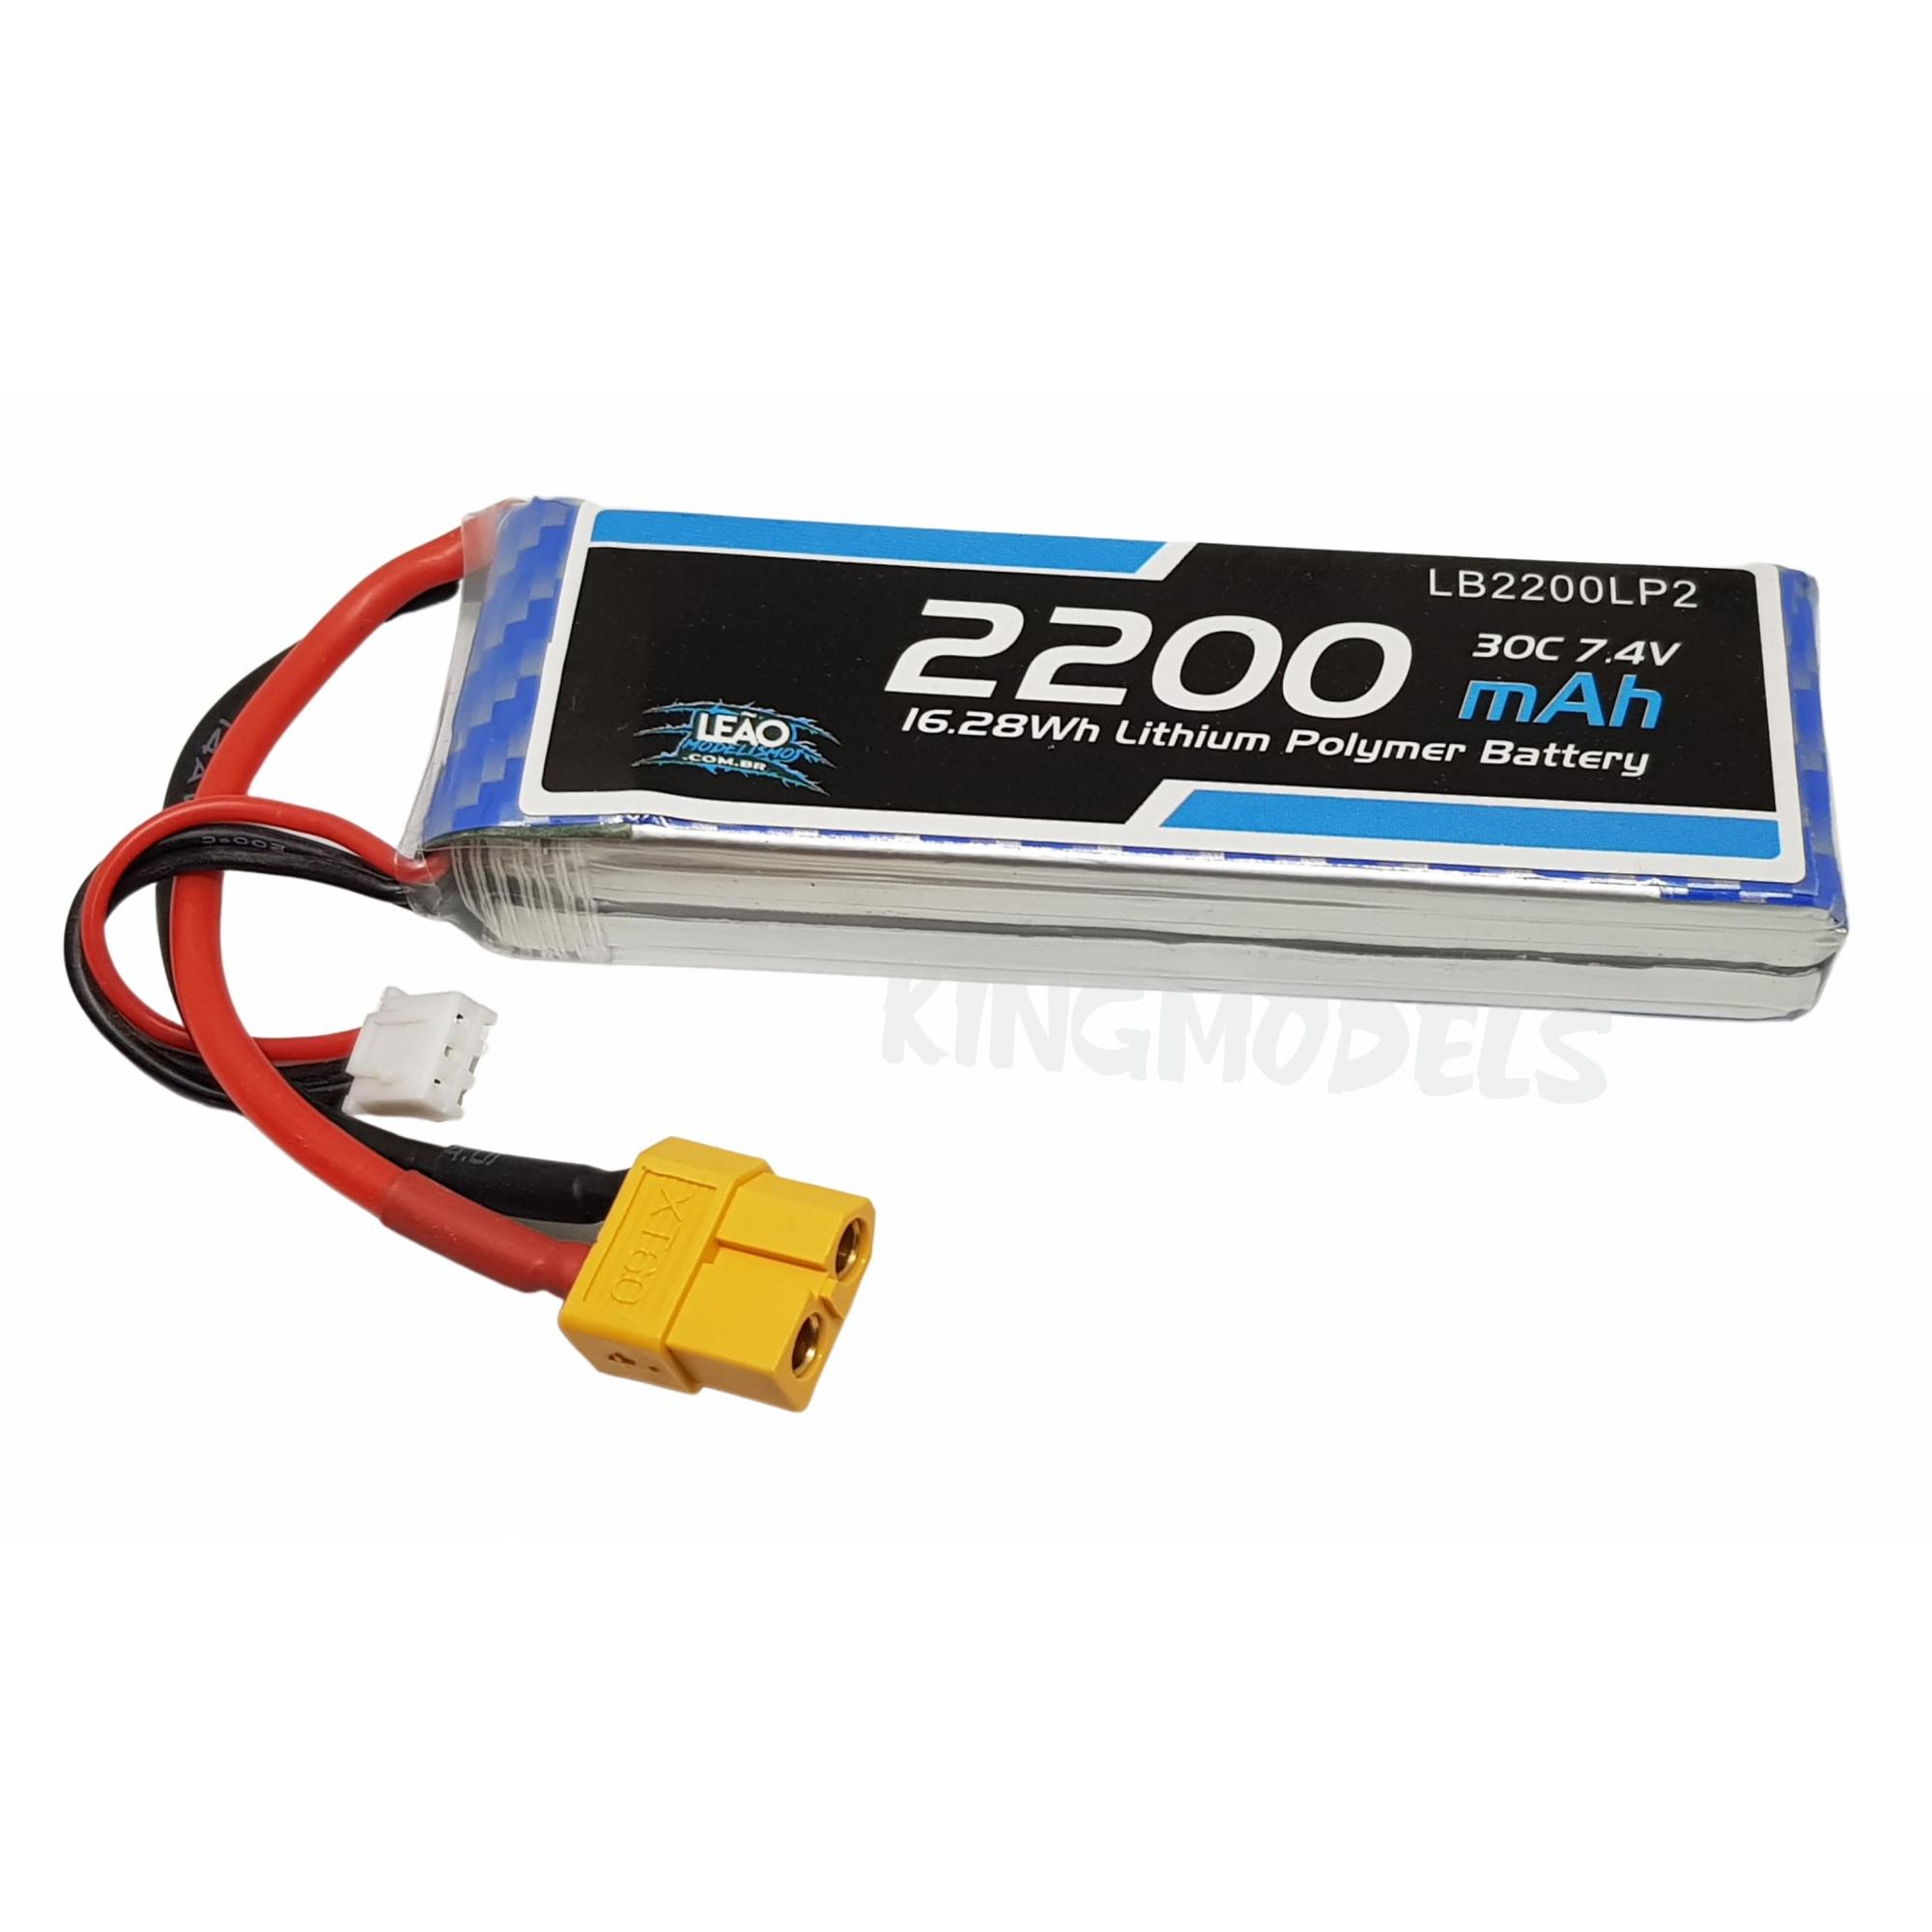 Bateria Lipo 2s 7.4v - 2200mah - 30c - Xt60 - A Melhor!!!!  - King Models